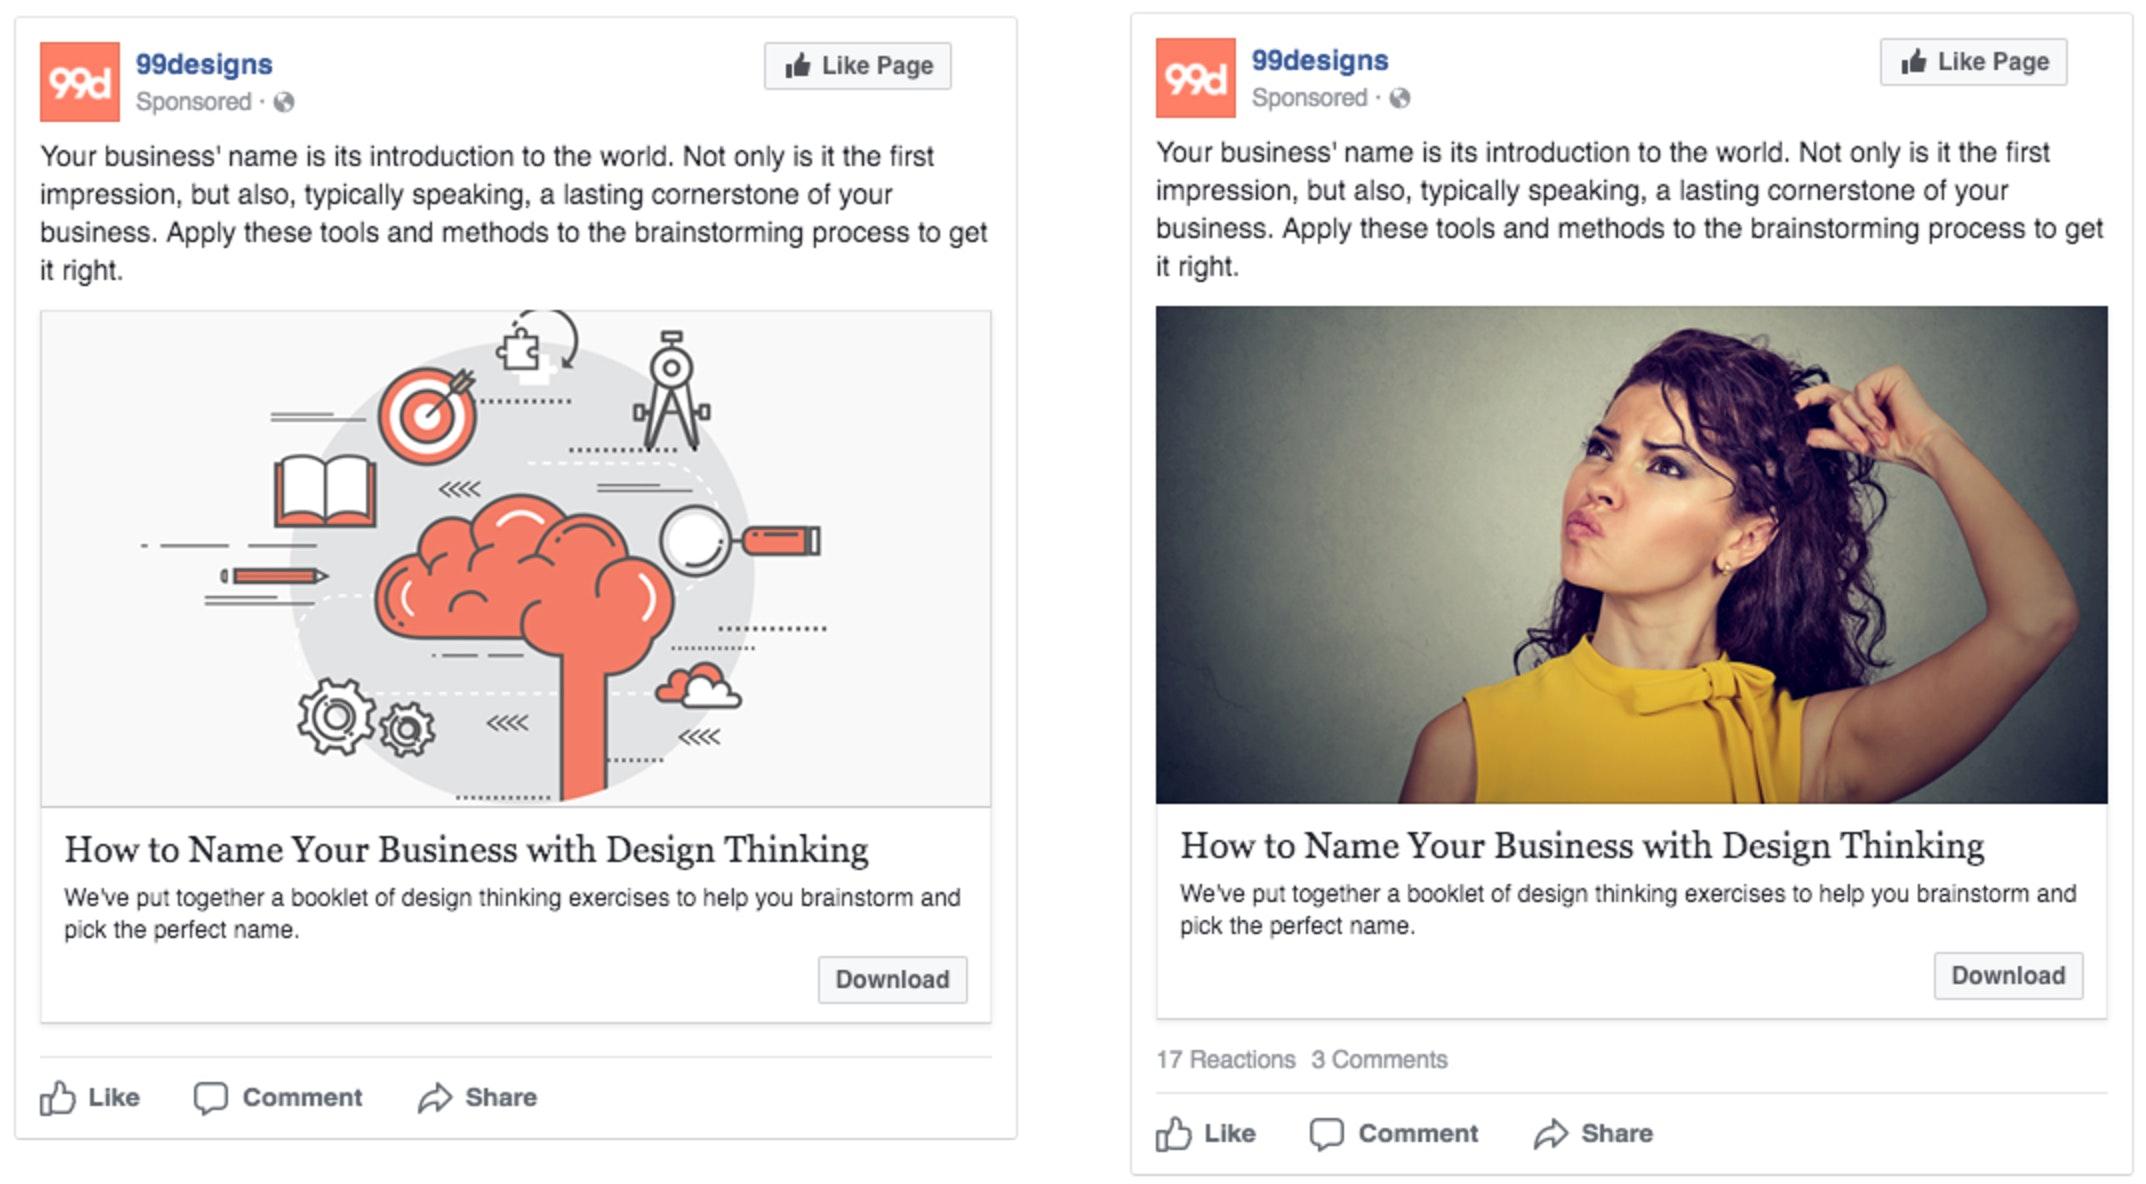 Facebook A/B test